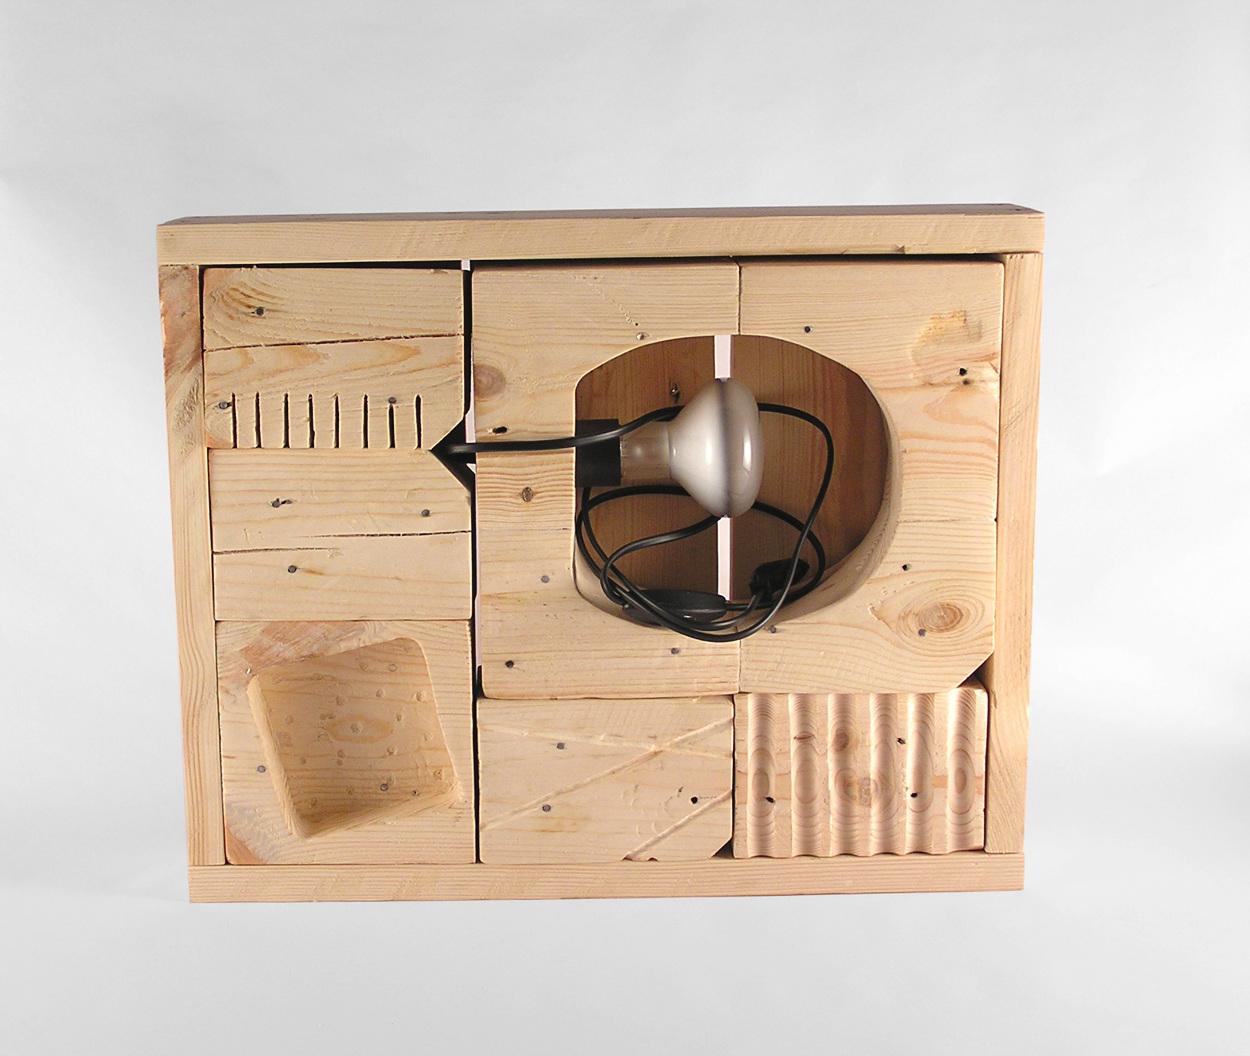 Scatola magica gioco legno design oggetti - Oggetti design legno ...